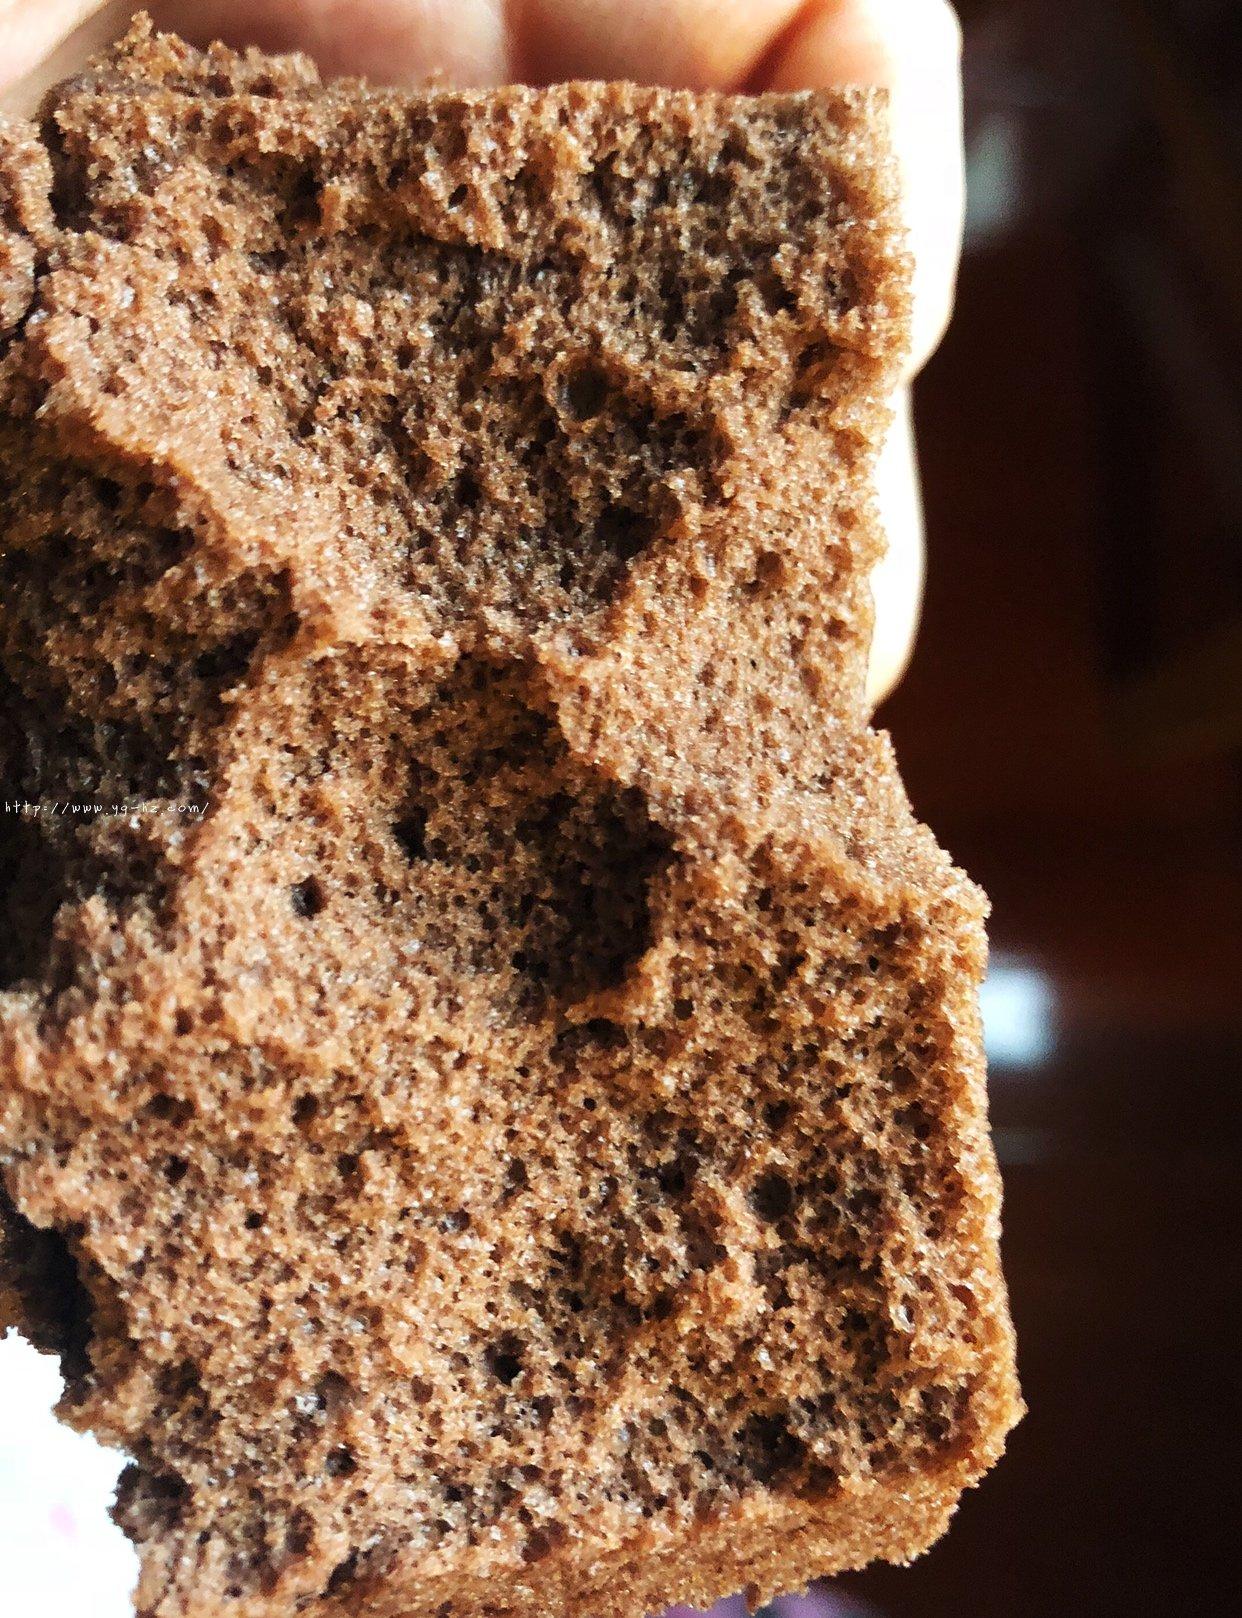 巧克力古早蛋糕,绵润浓郁,不塌陷,零失败的做法 步骤14